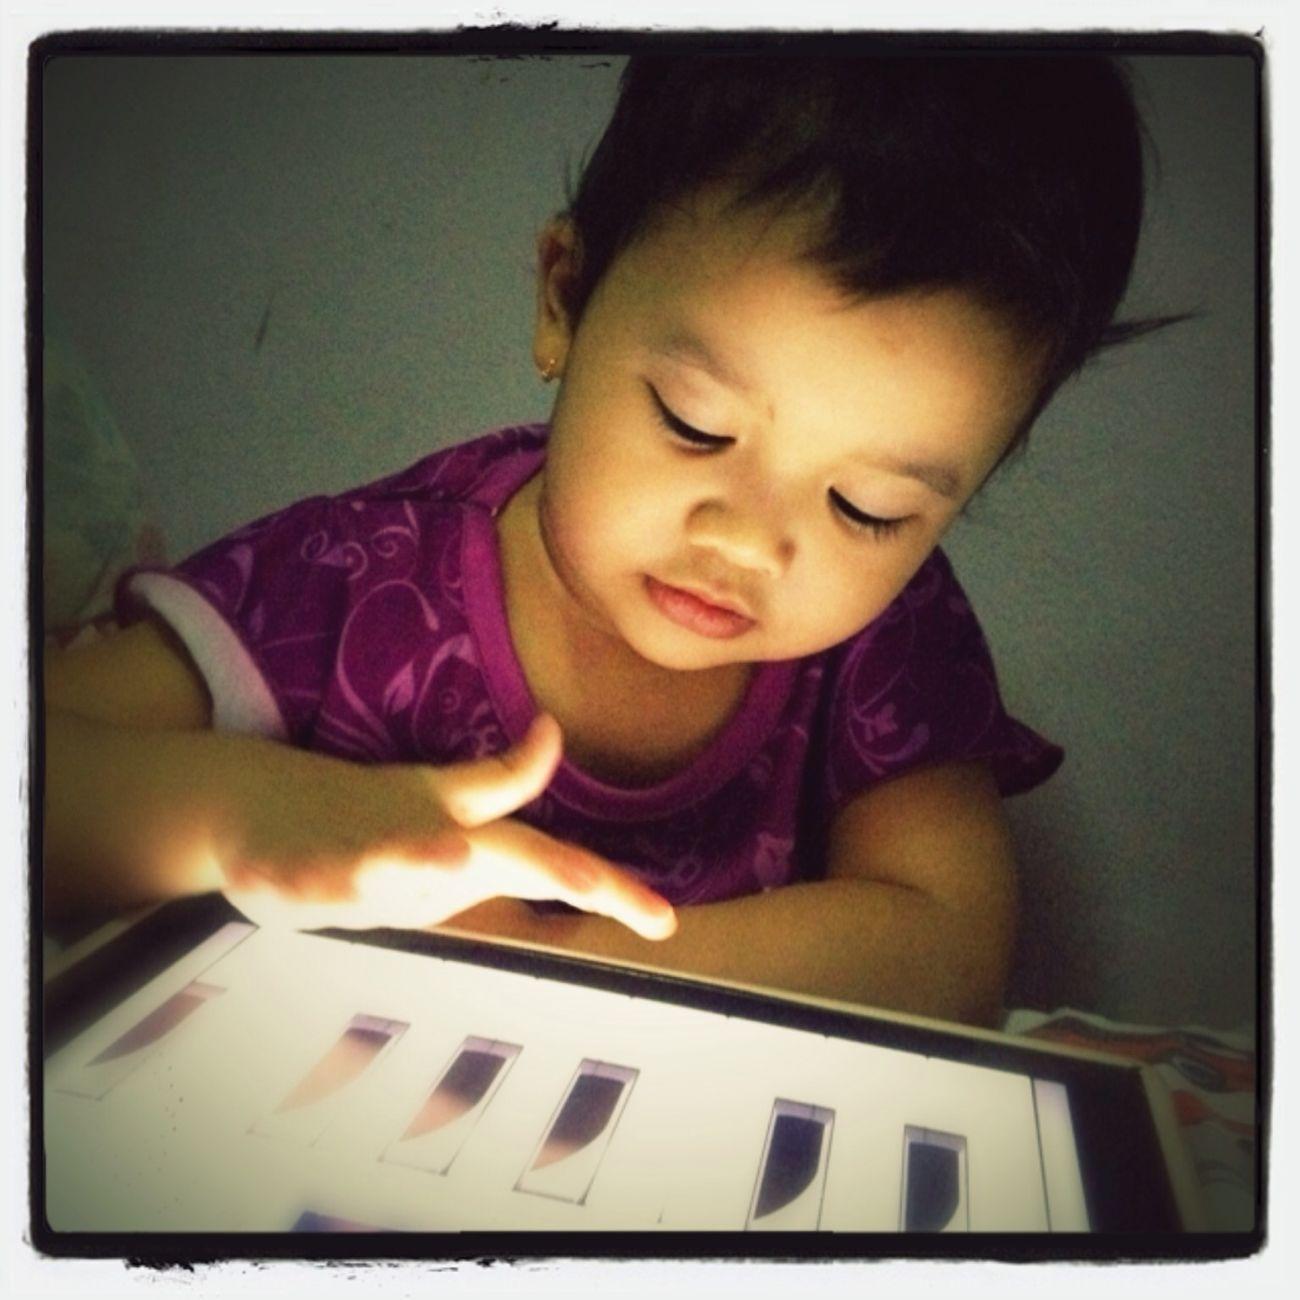 iPad freak..